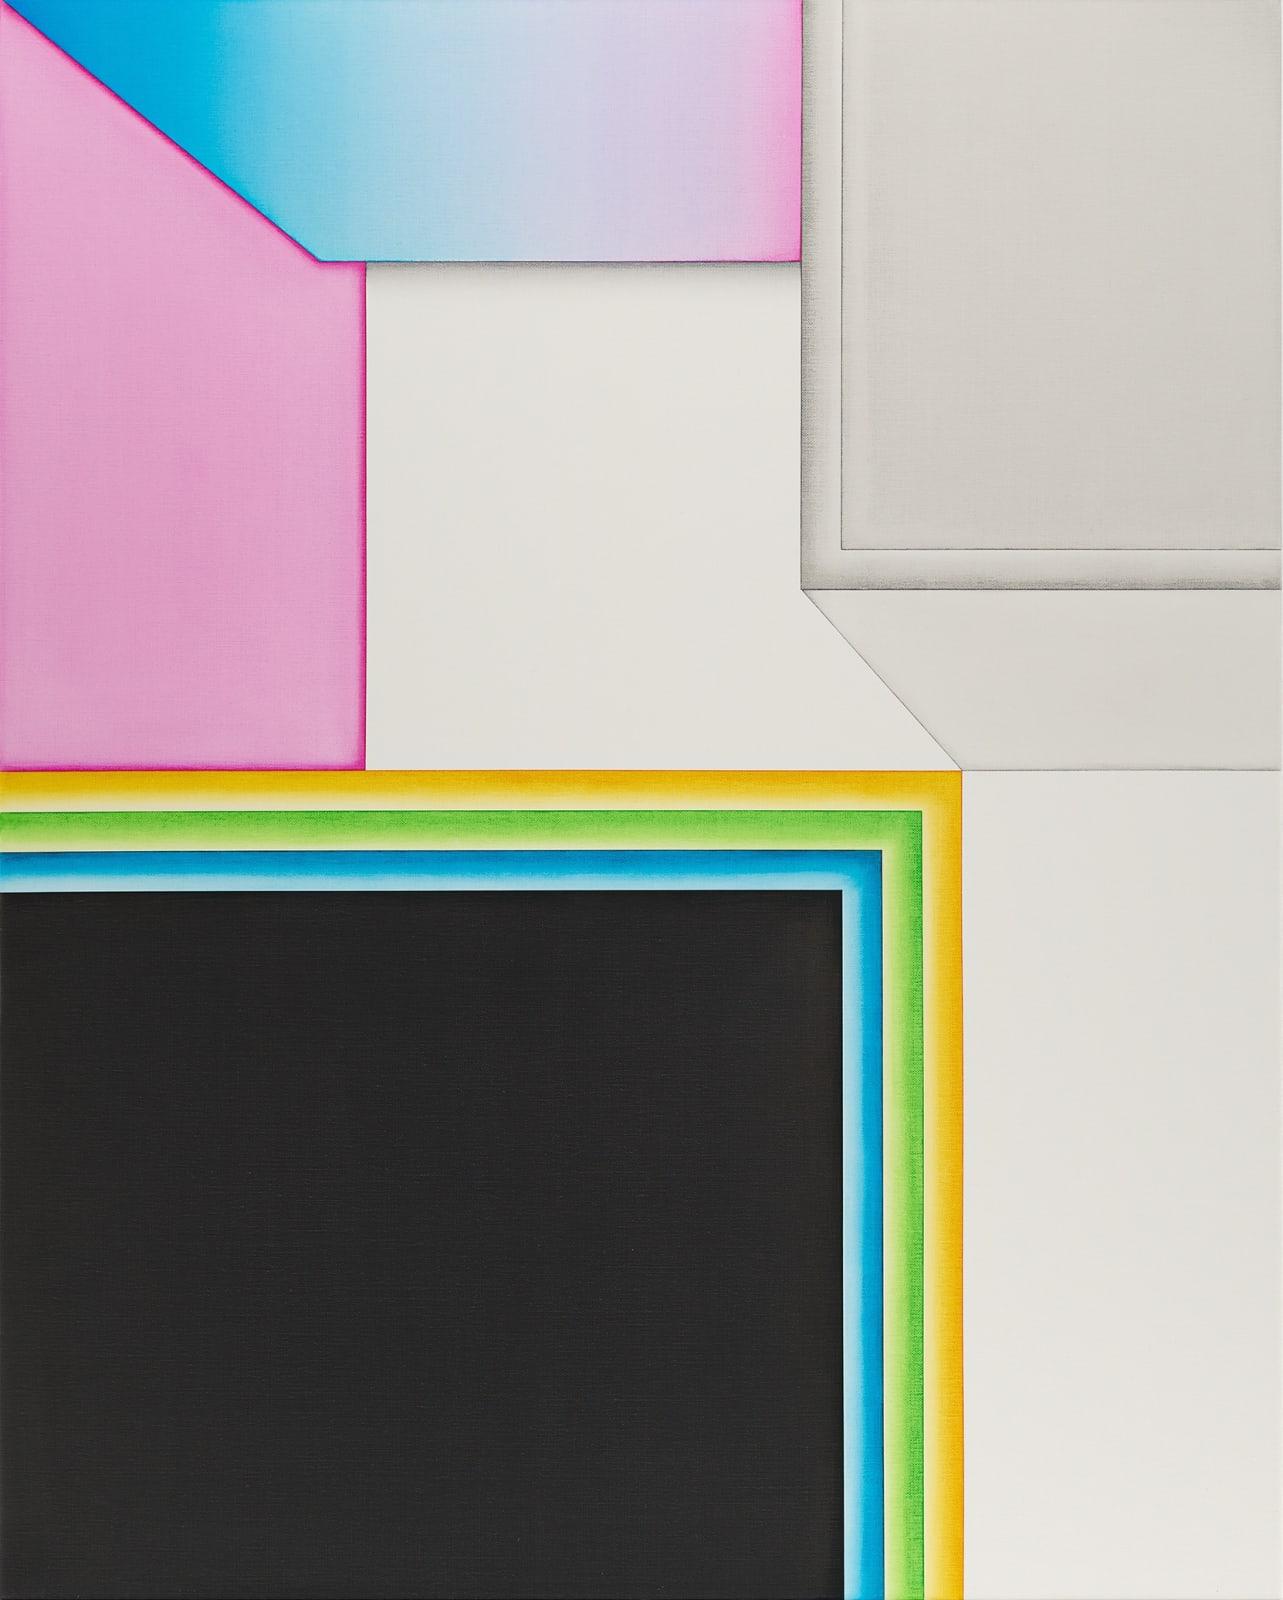 Eftsoons VII, 2021, oil on linen, 76.2 x 60.95 cm